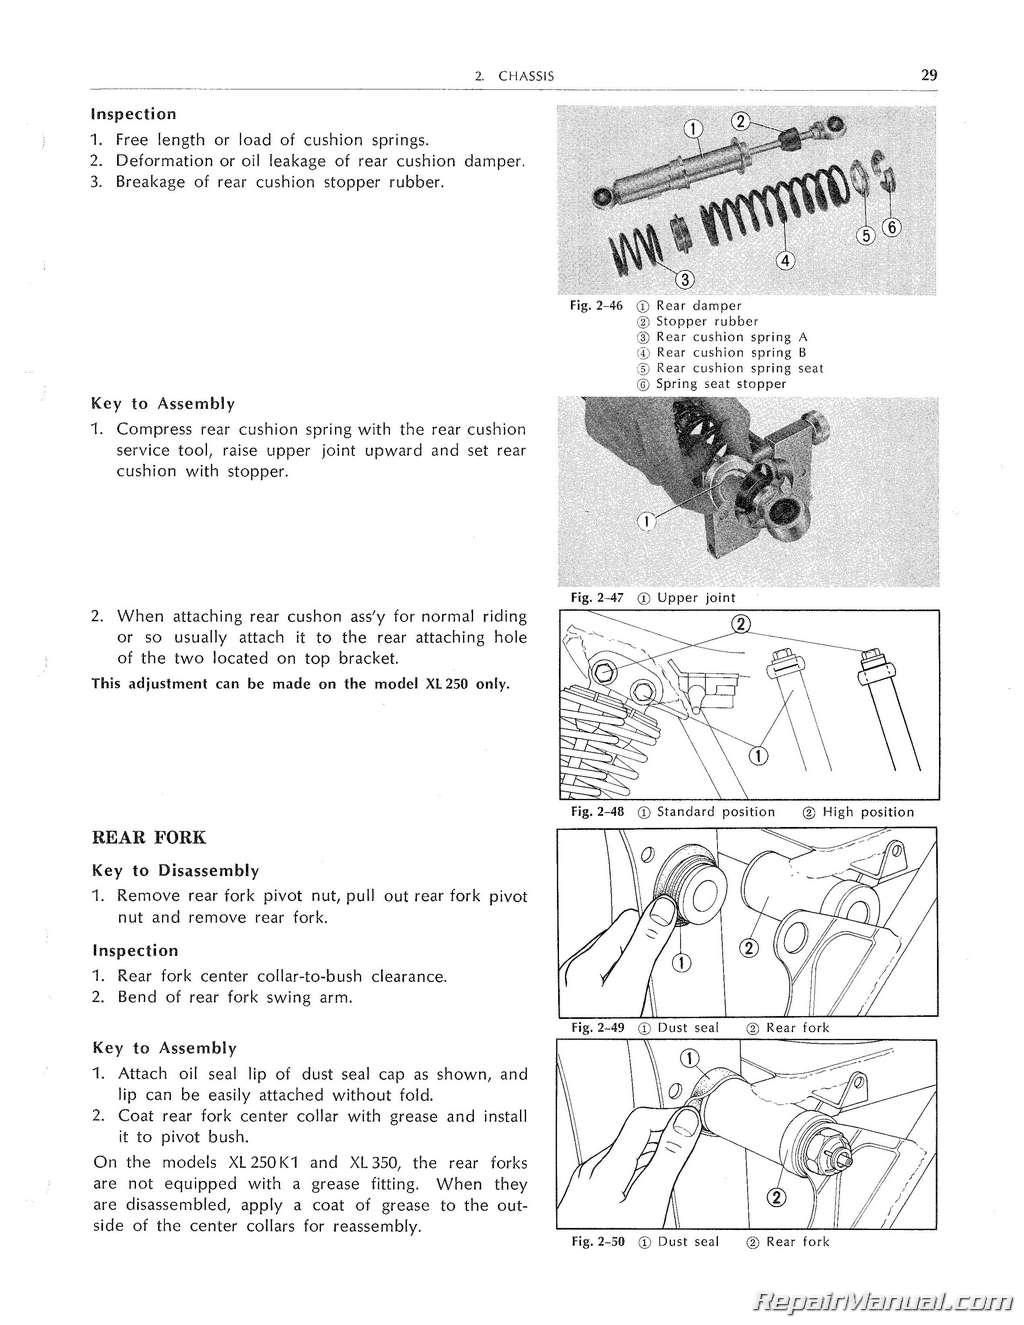 honda xl250 xl350 service manual 1972  u2013 1978